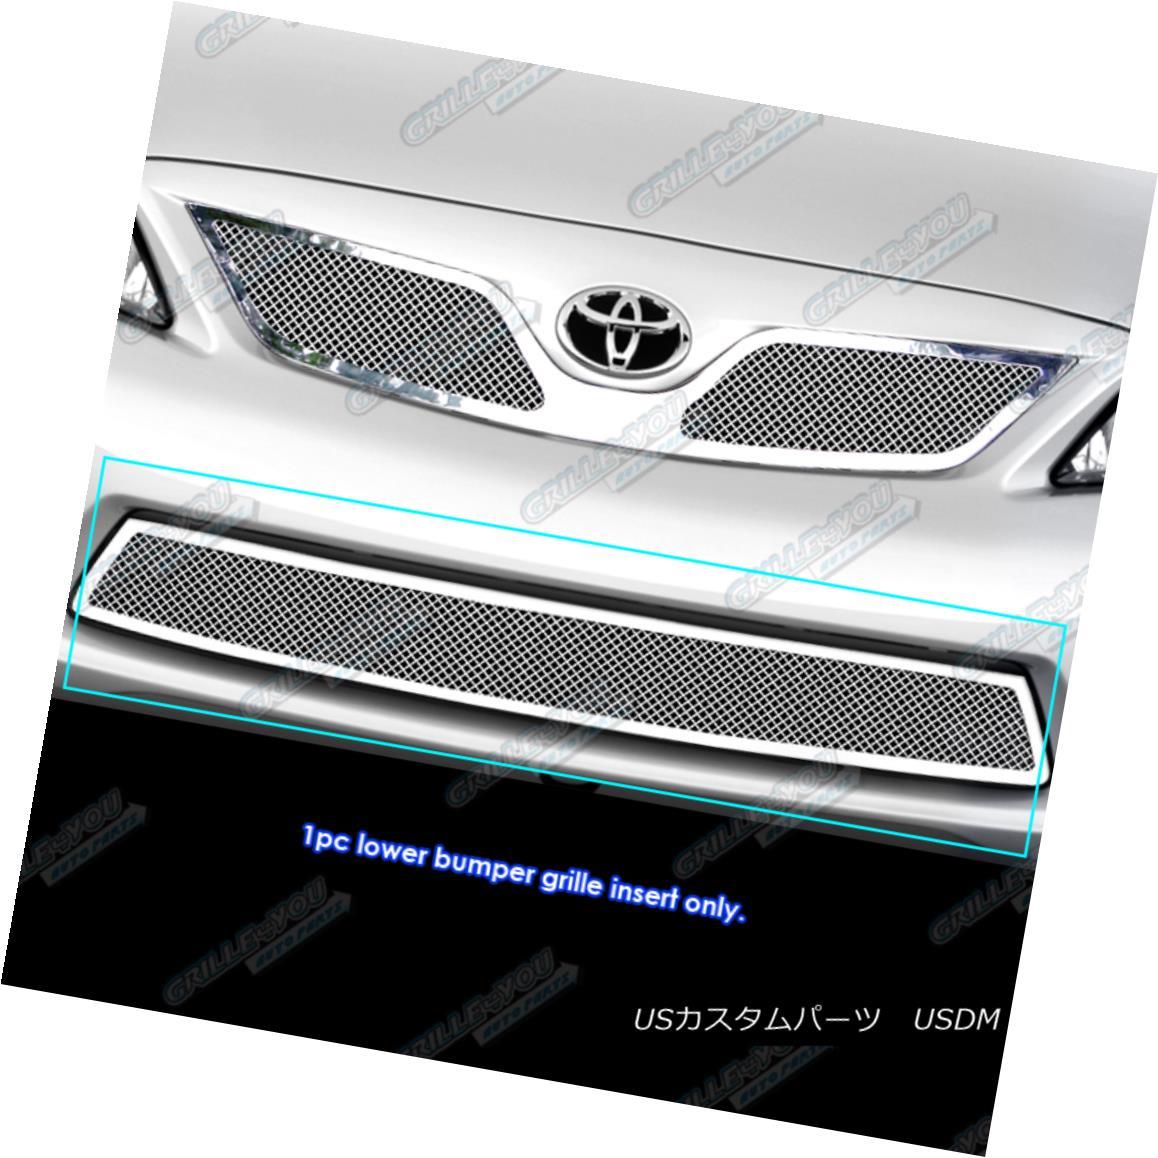 グリル Fits 2011-2013 Toyota Corolla Stainless Steel Bumper Mesh Grille Grill Insert 2011-2013トヨタカローラステンレスバンパーメッシュグリルグリルインサート